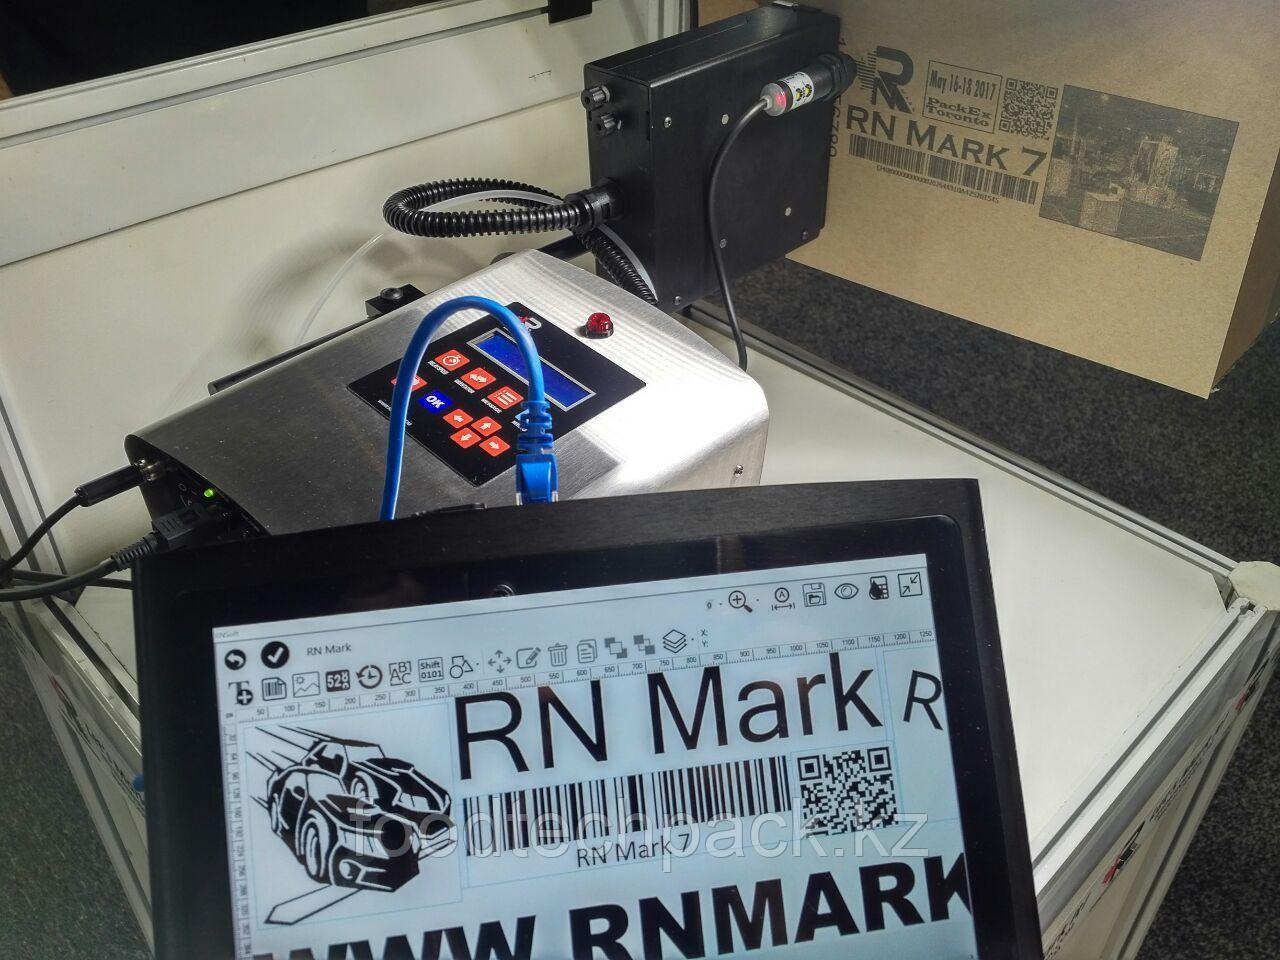 Крупносимвольный принтер высокого разрешения RN Mark Е1-72 (печать под любым углом информации до 72 мм)